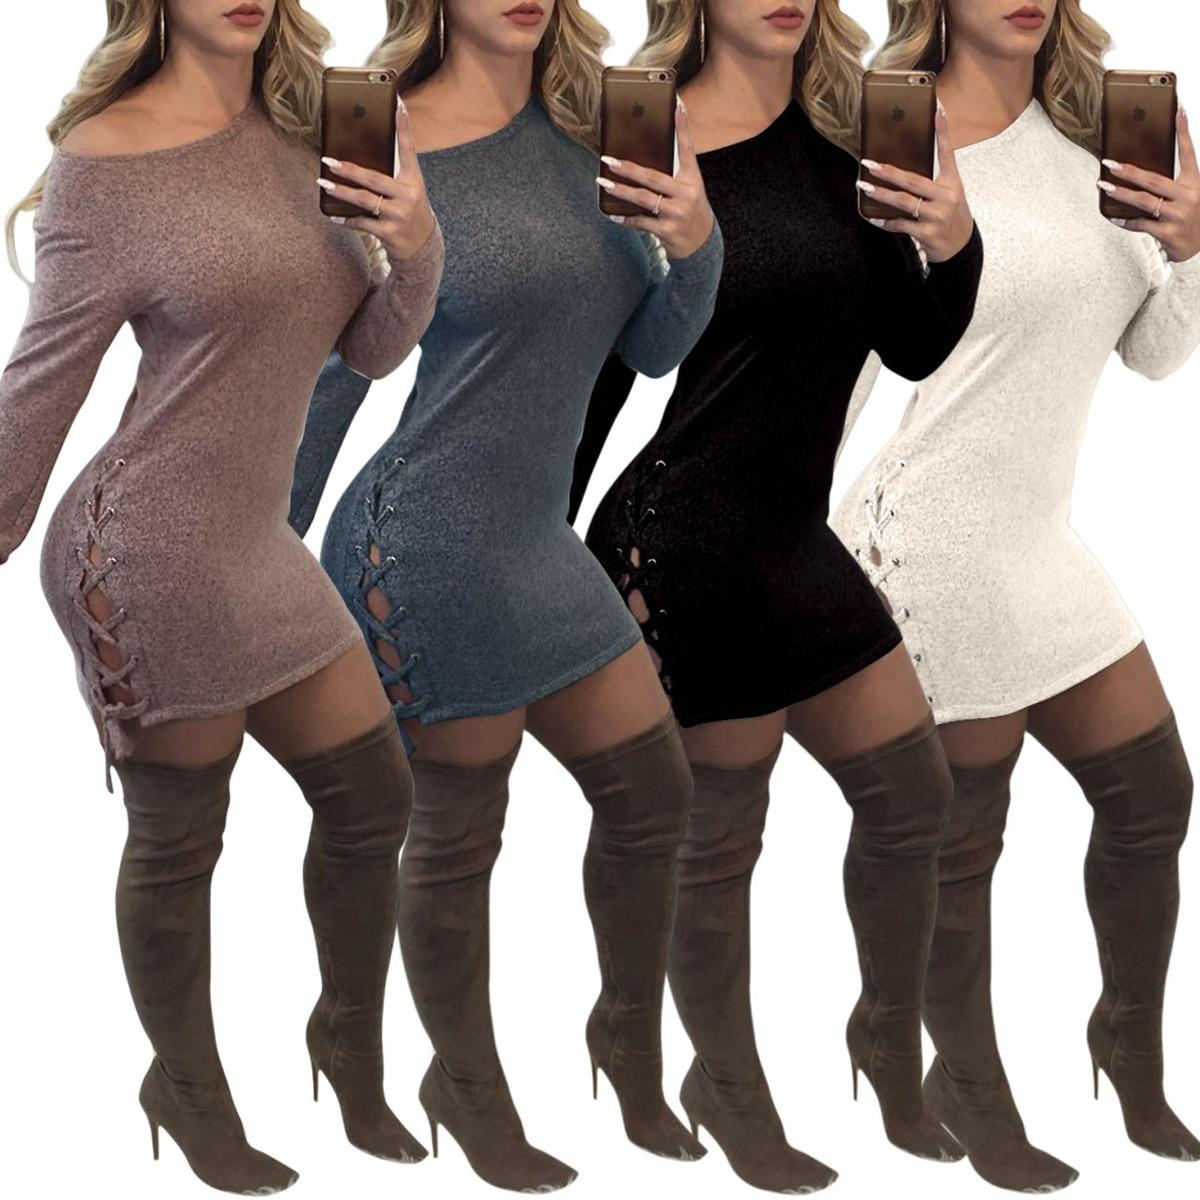 Hot mature black women-9679